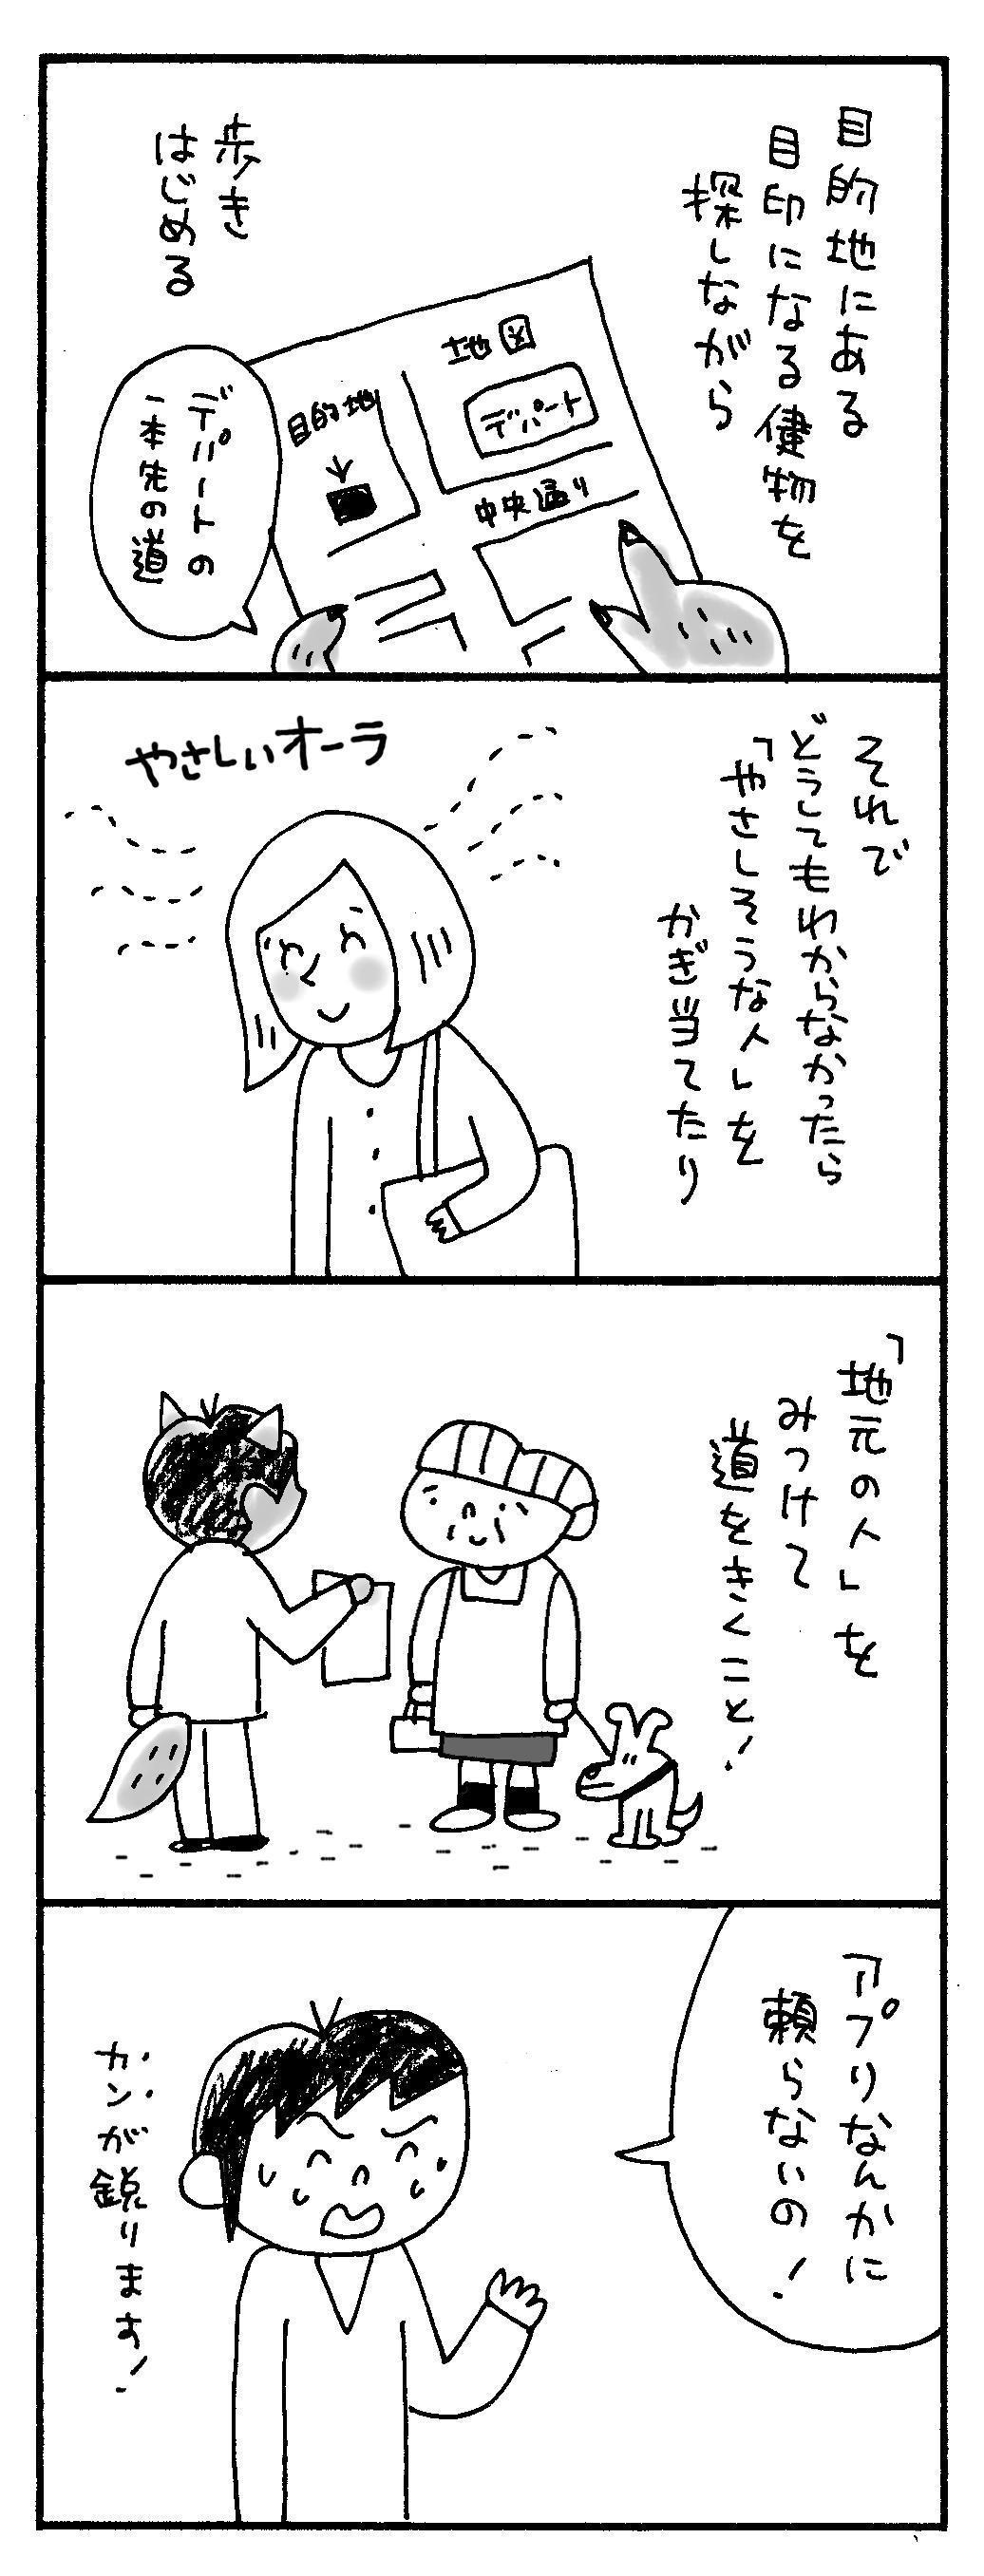 ケータイ3823